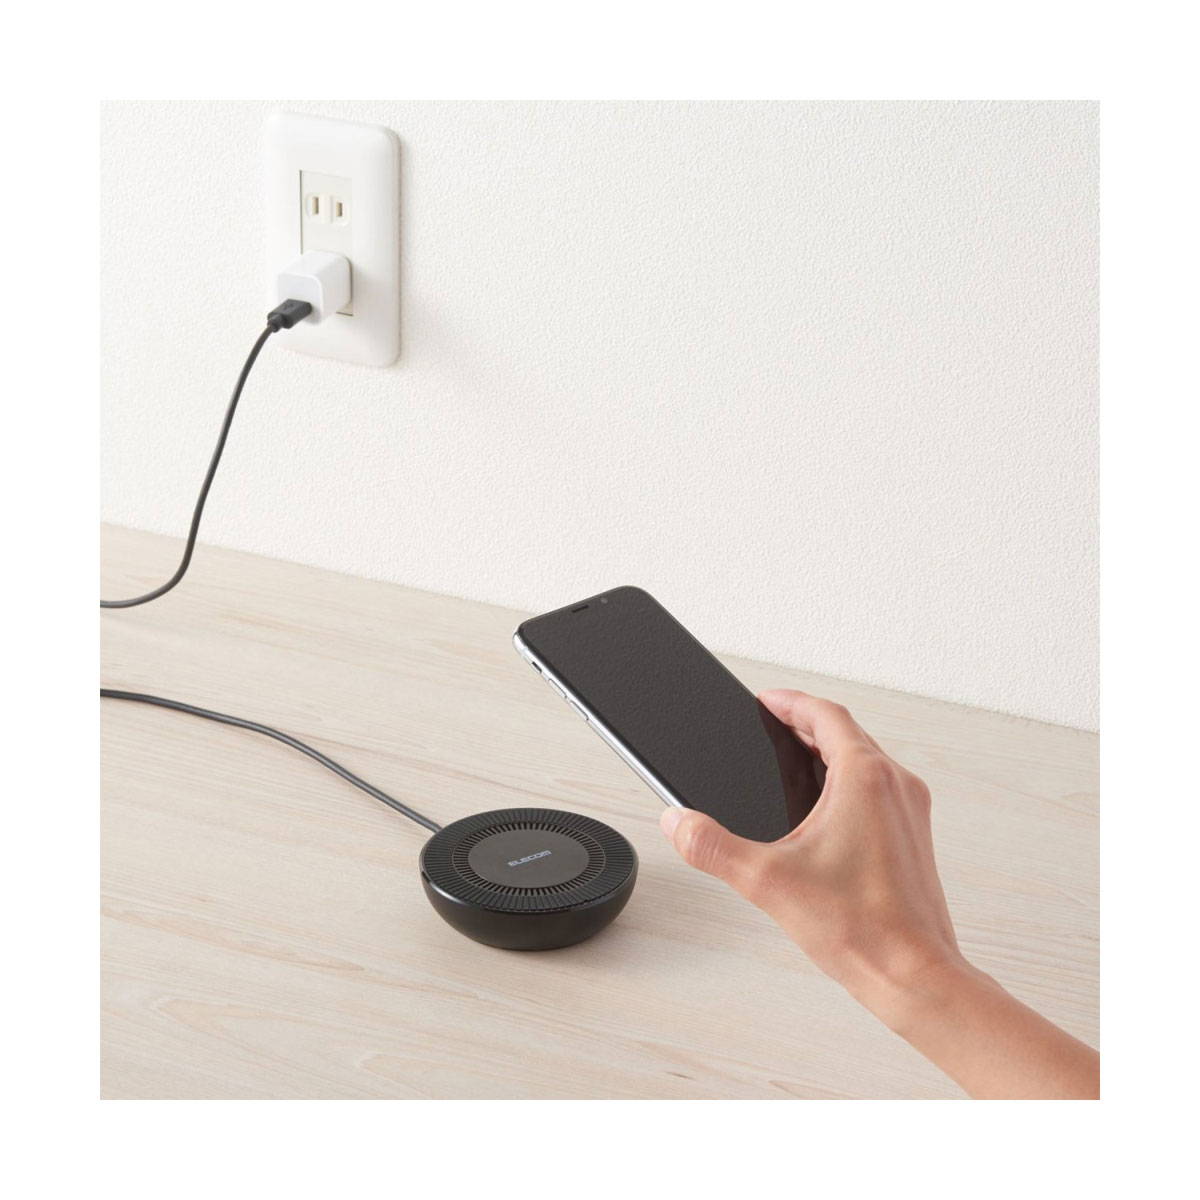 スマホをワイヤレスで高速充電できる「Qi充電器」の選び方